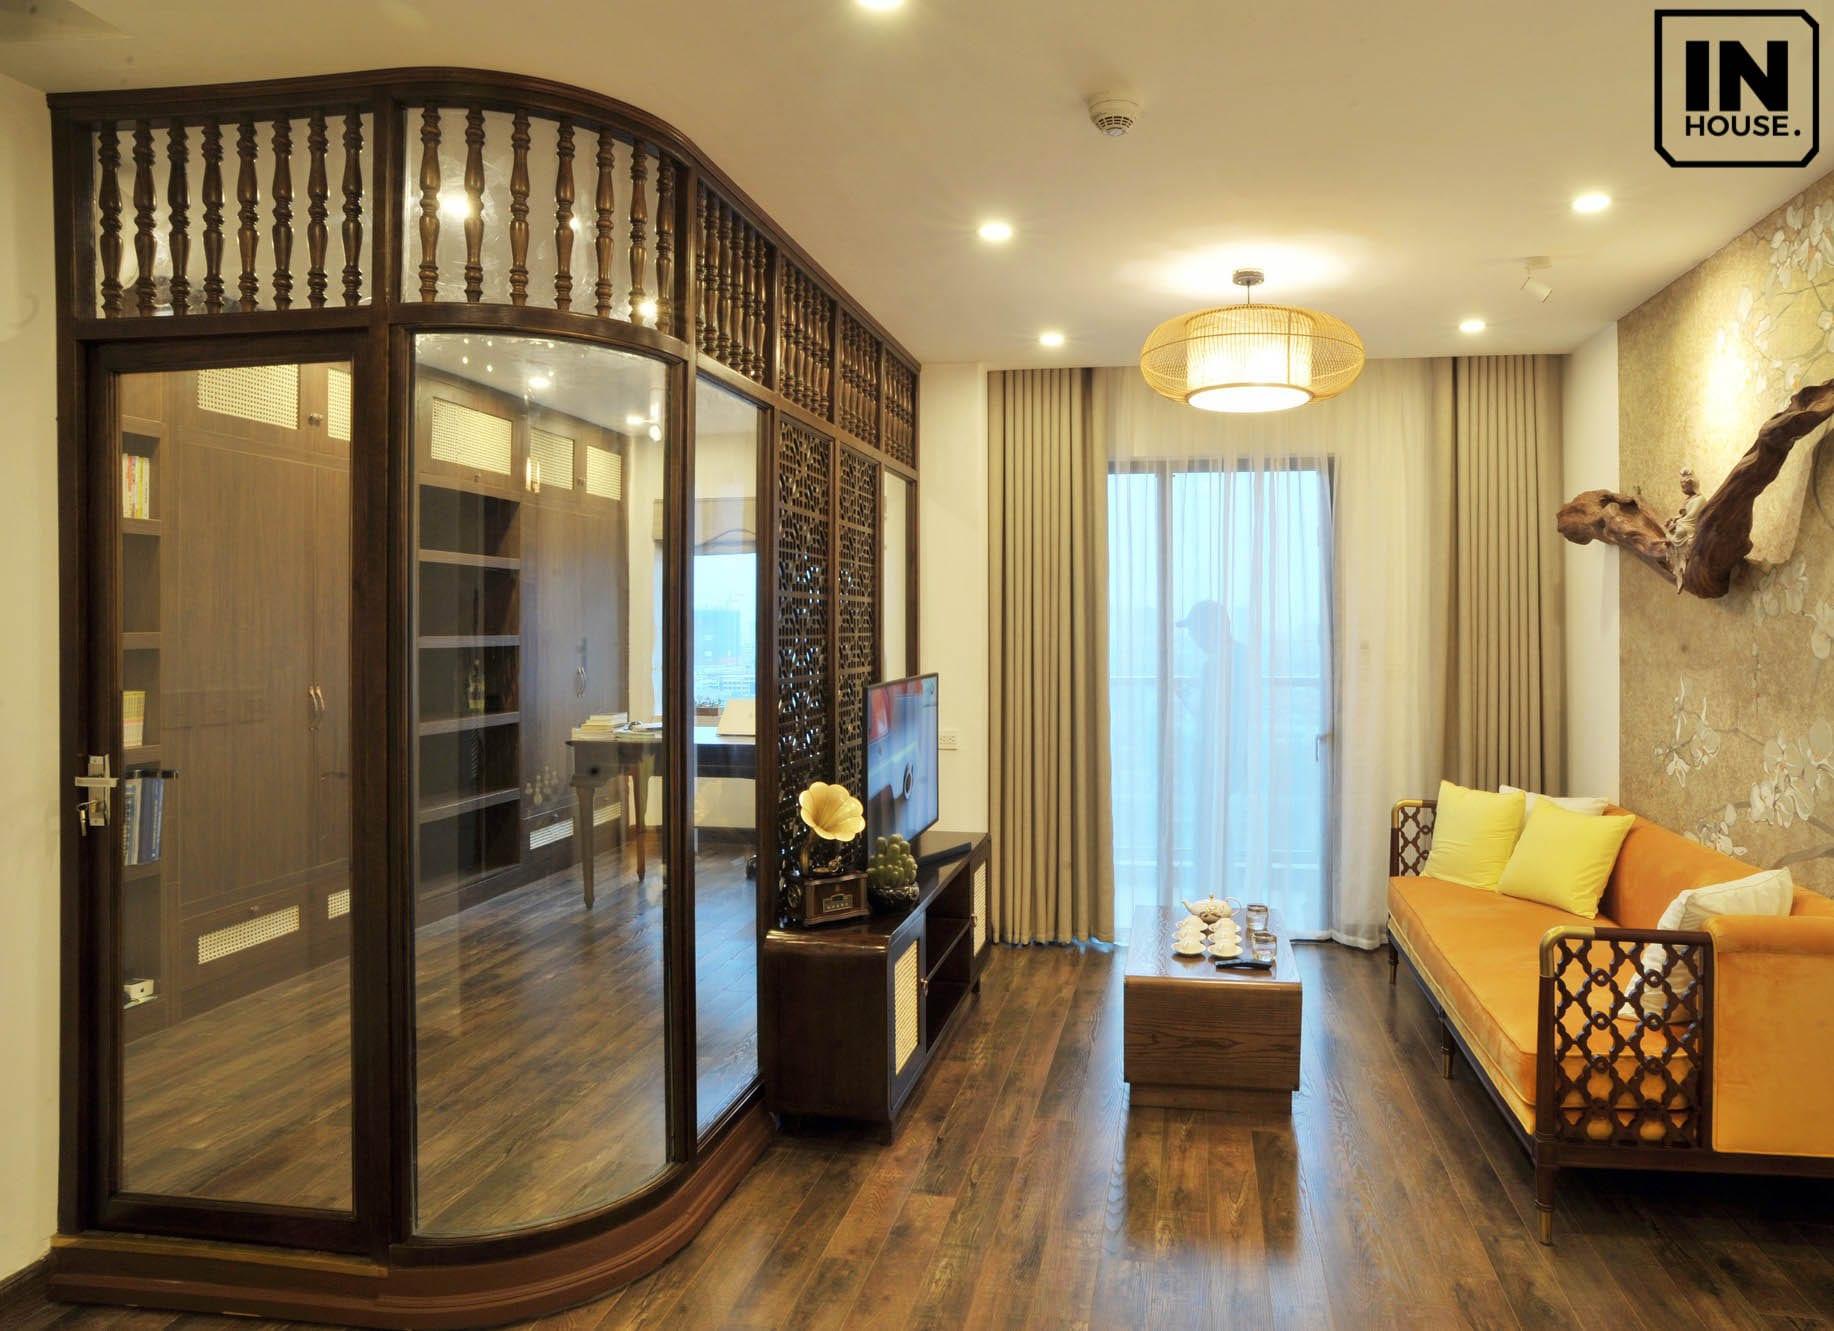 Thiết kế căn hộ theo phong cách Indochine Style